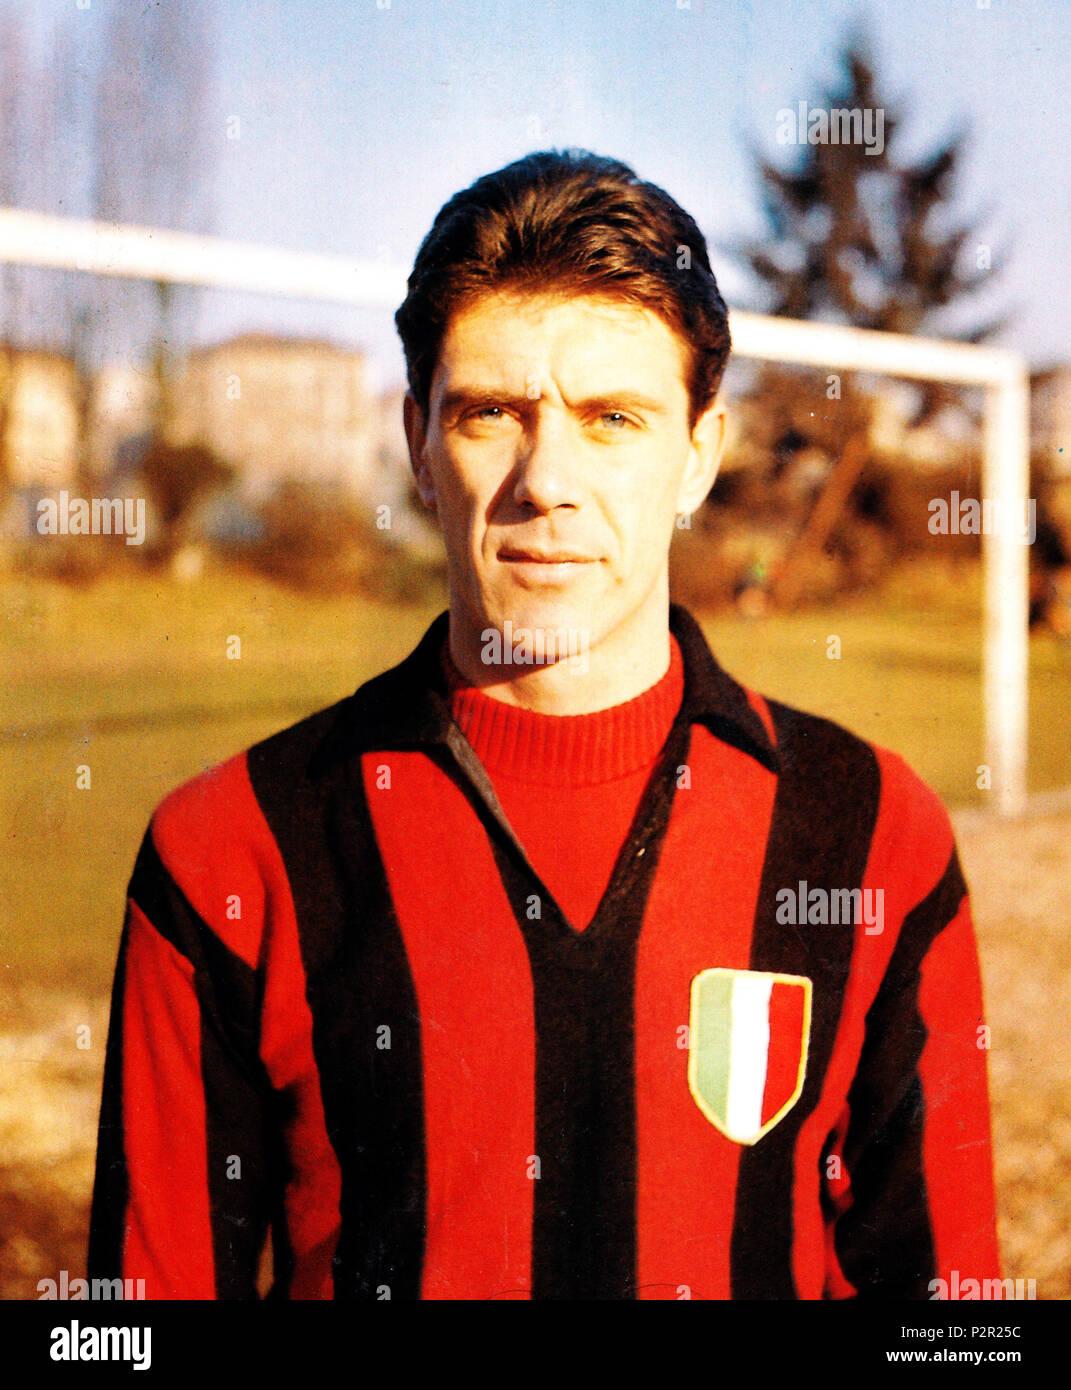 . Italiano: Il calciatore italiano Cesare Maldini al Milan tra gli anni 1950 e 1960. Cesare Maldini, licences, 1954 1954 . Entre 1954 et 1966. Inconnu 18 Cesare Maldini - AC Milan Photo Stock